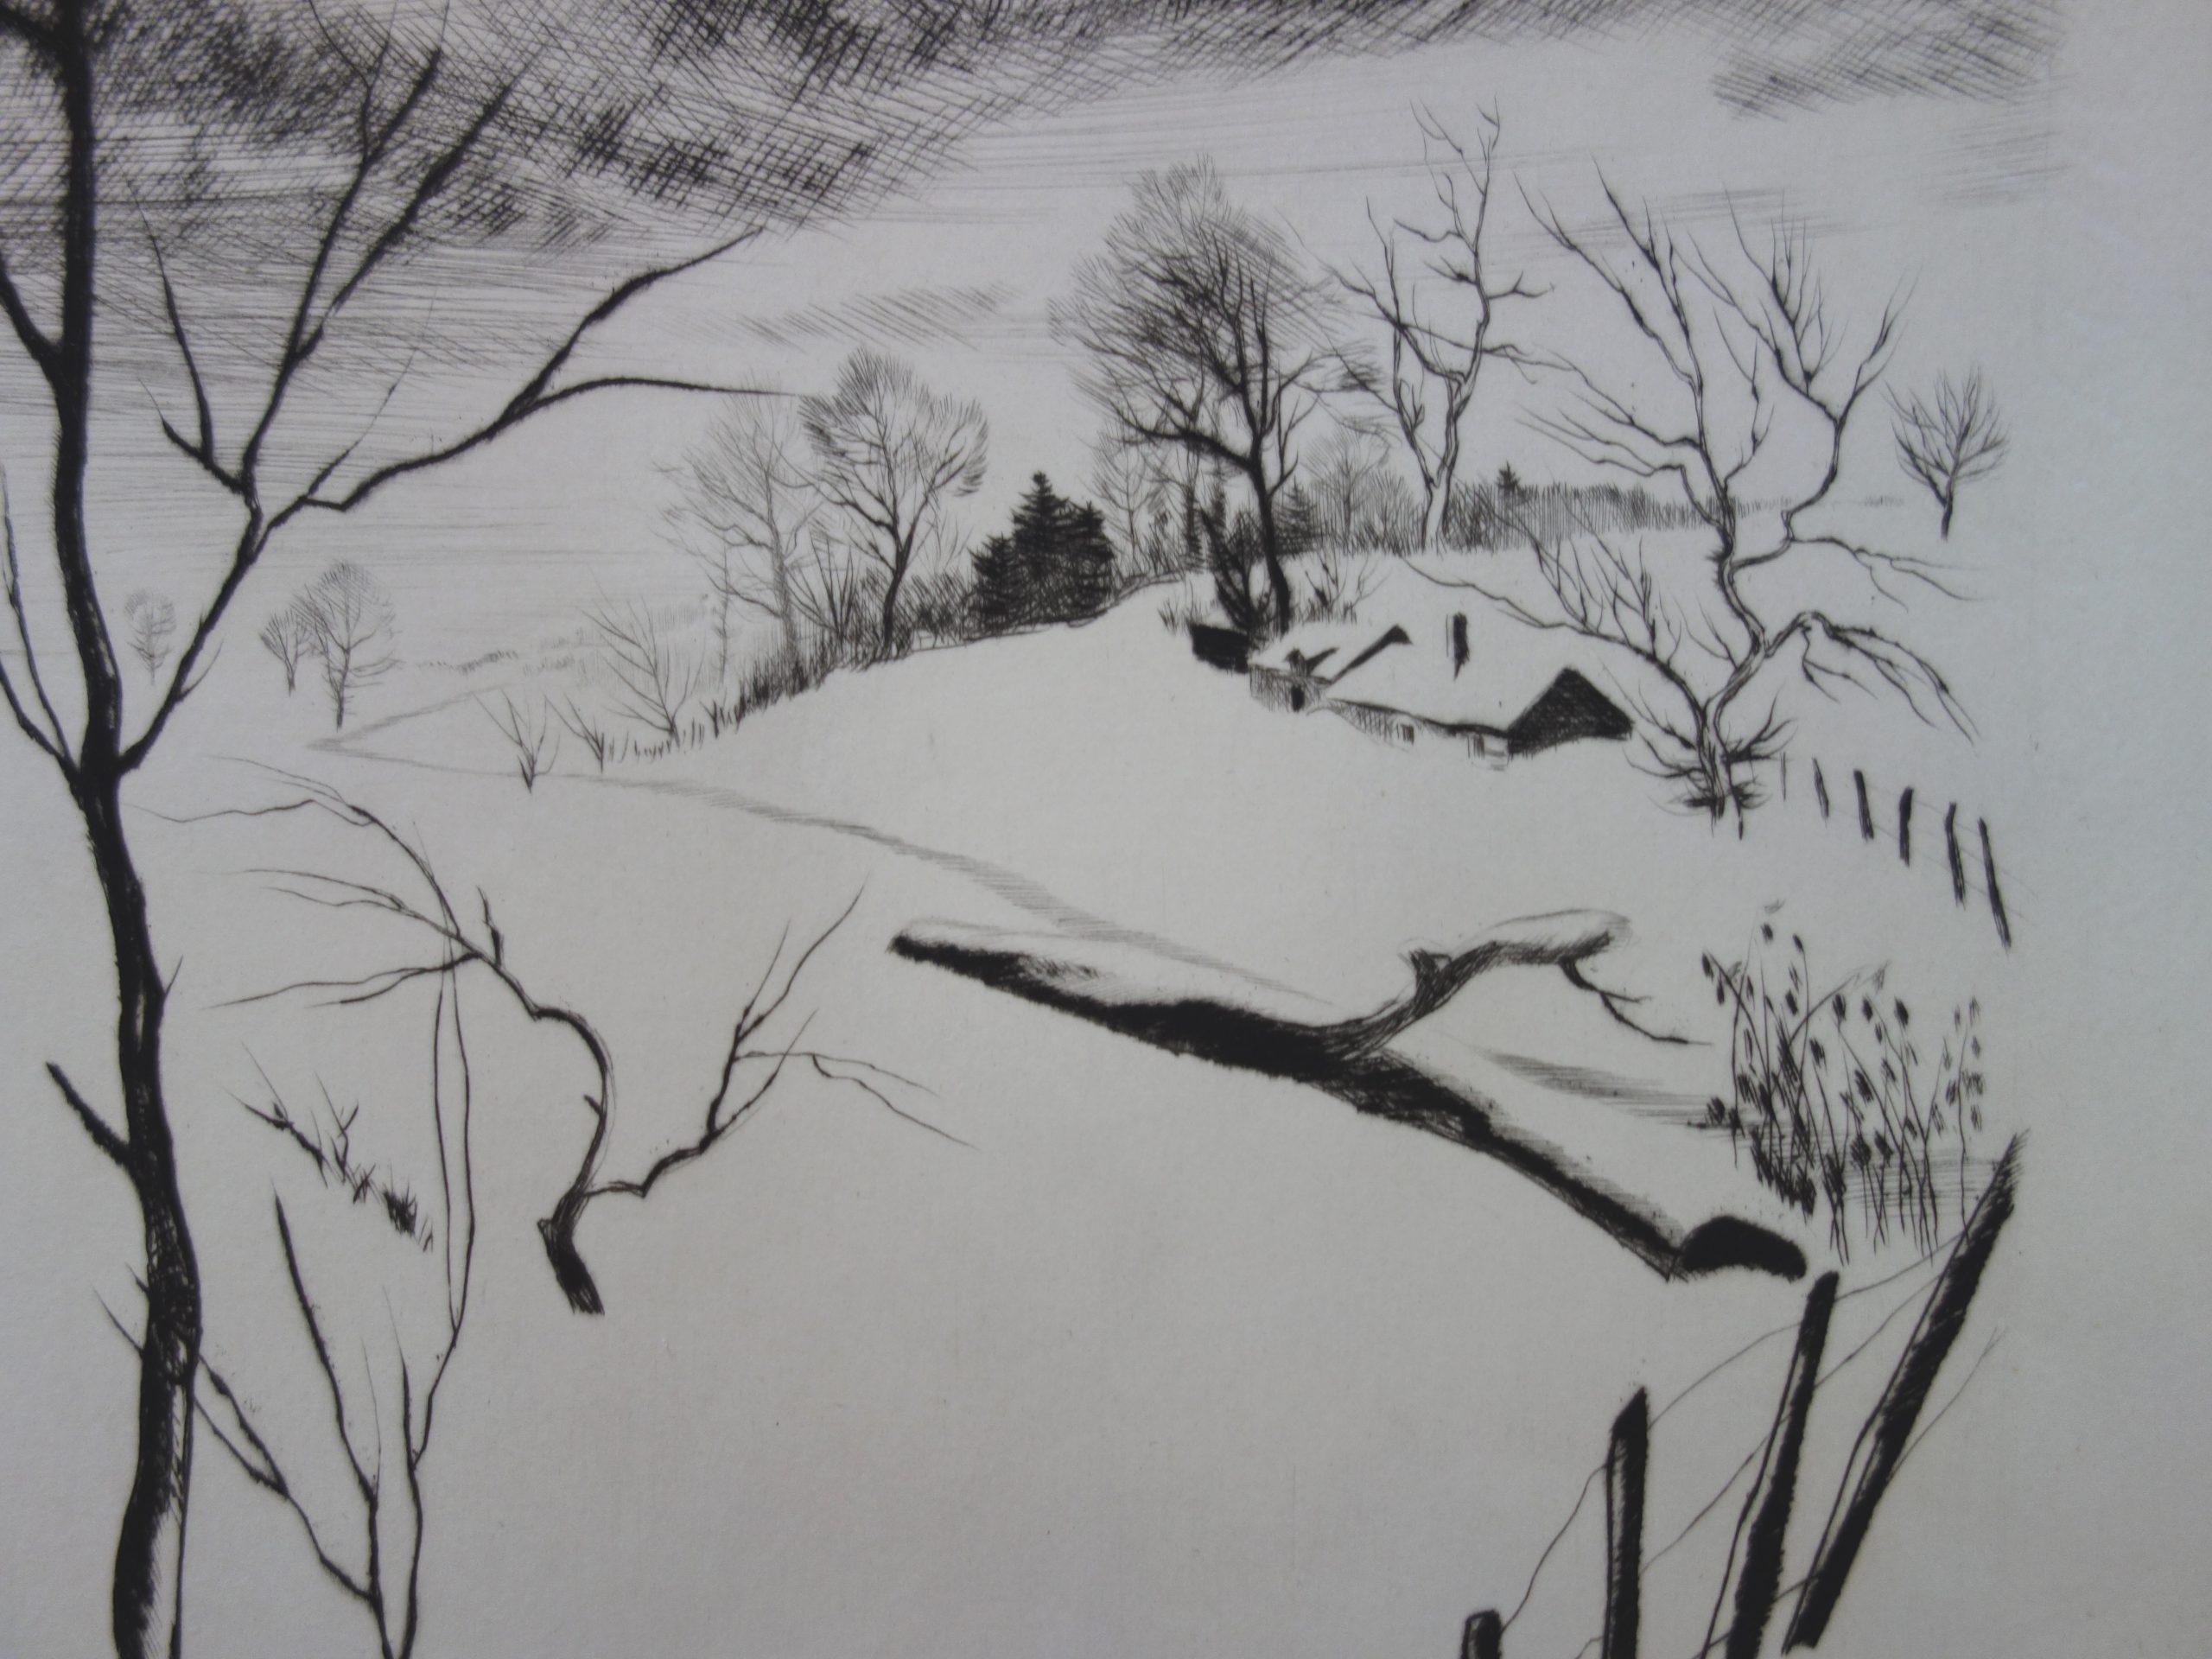 Gaston Barret - Paysage D'hiver, Dessin Original Et Gravure concernant Dessin De Paysage D Hiver